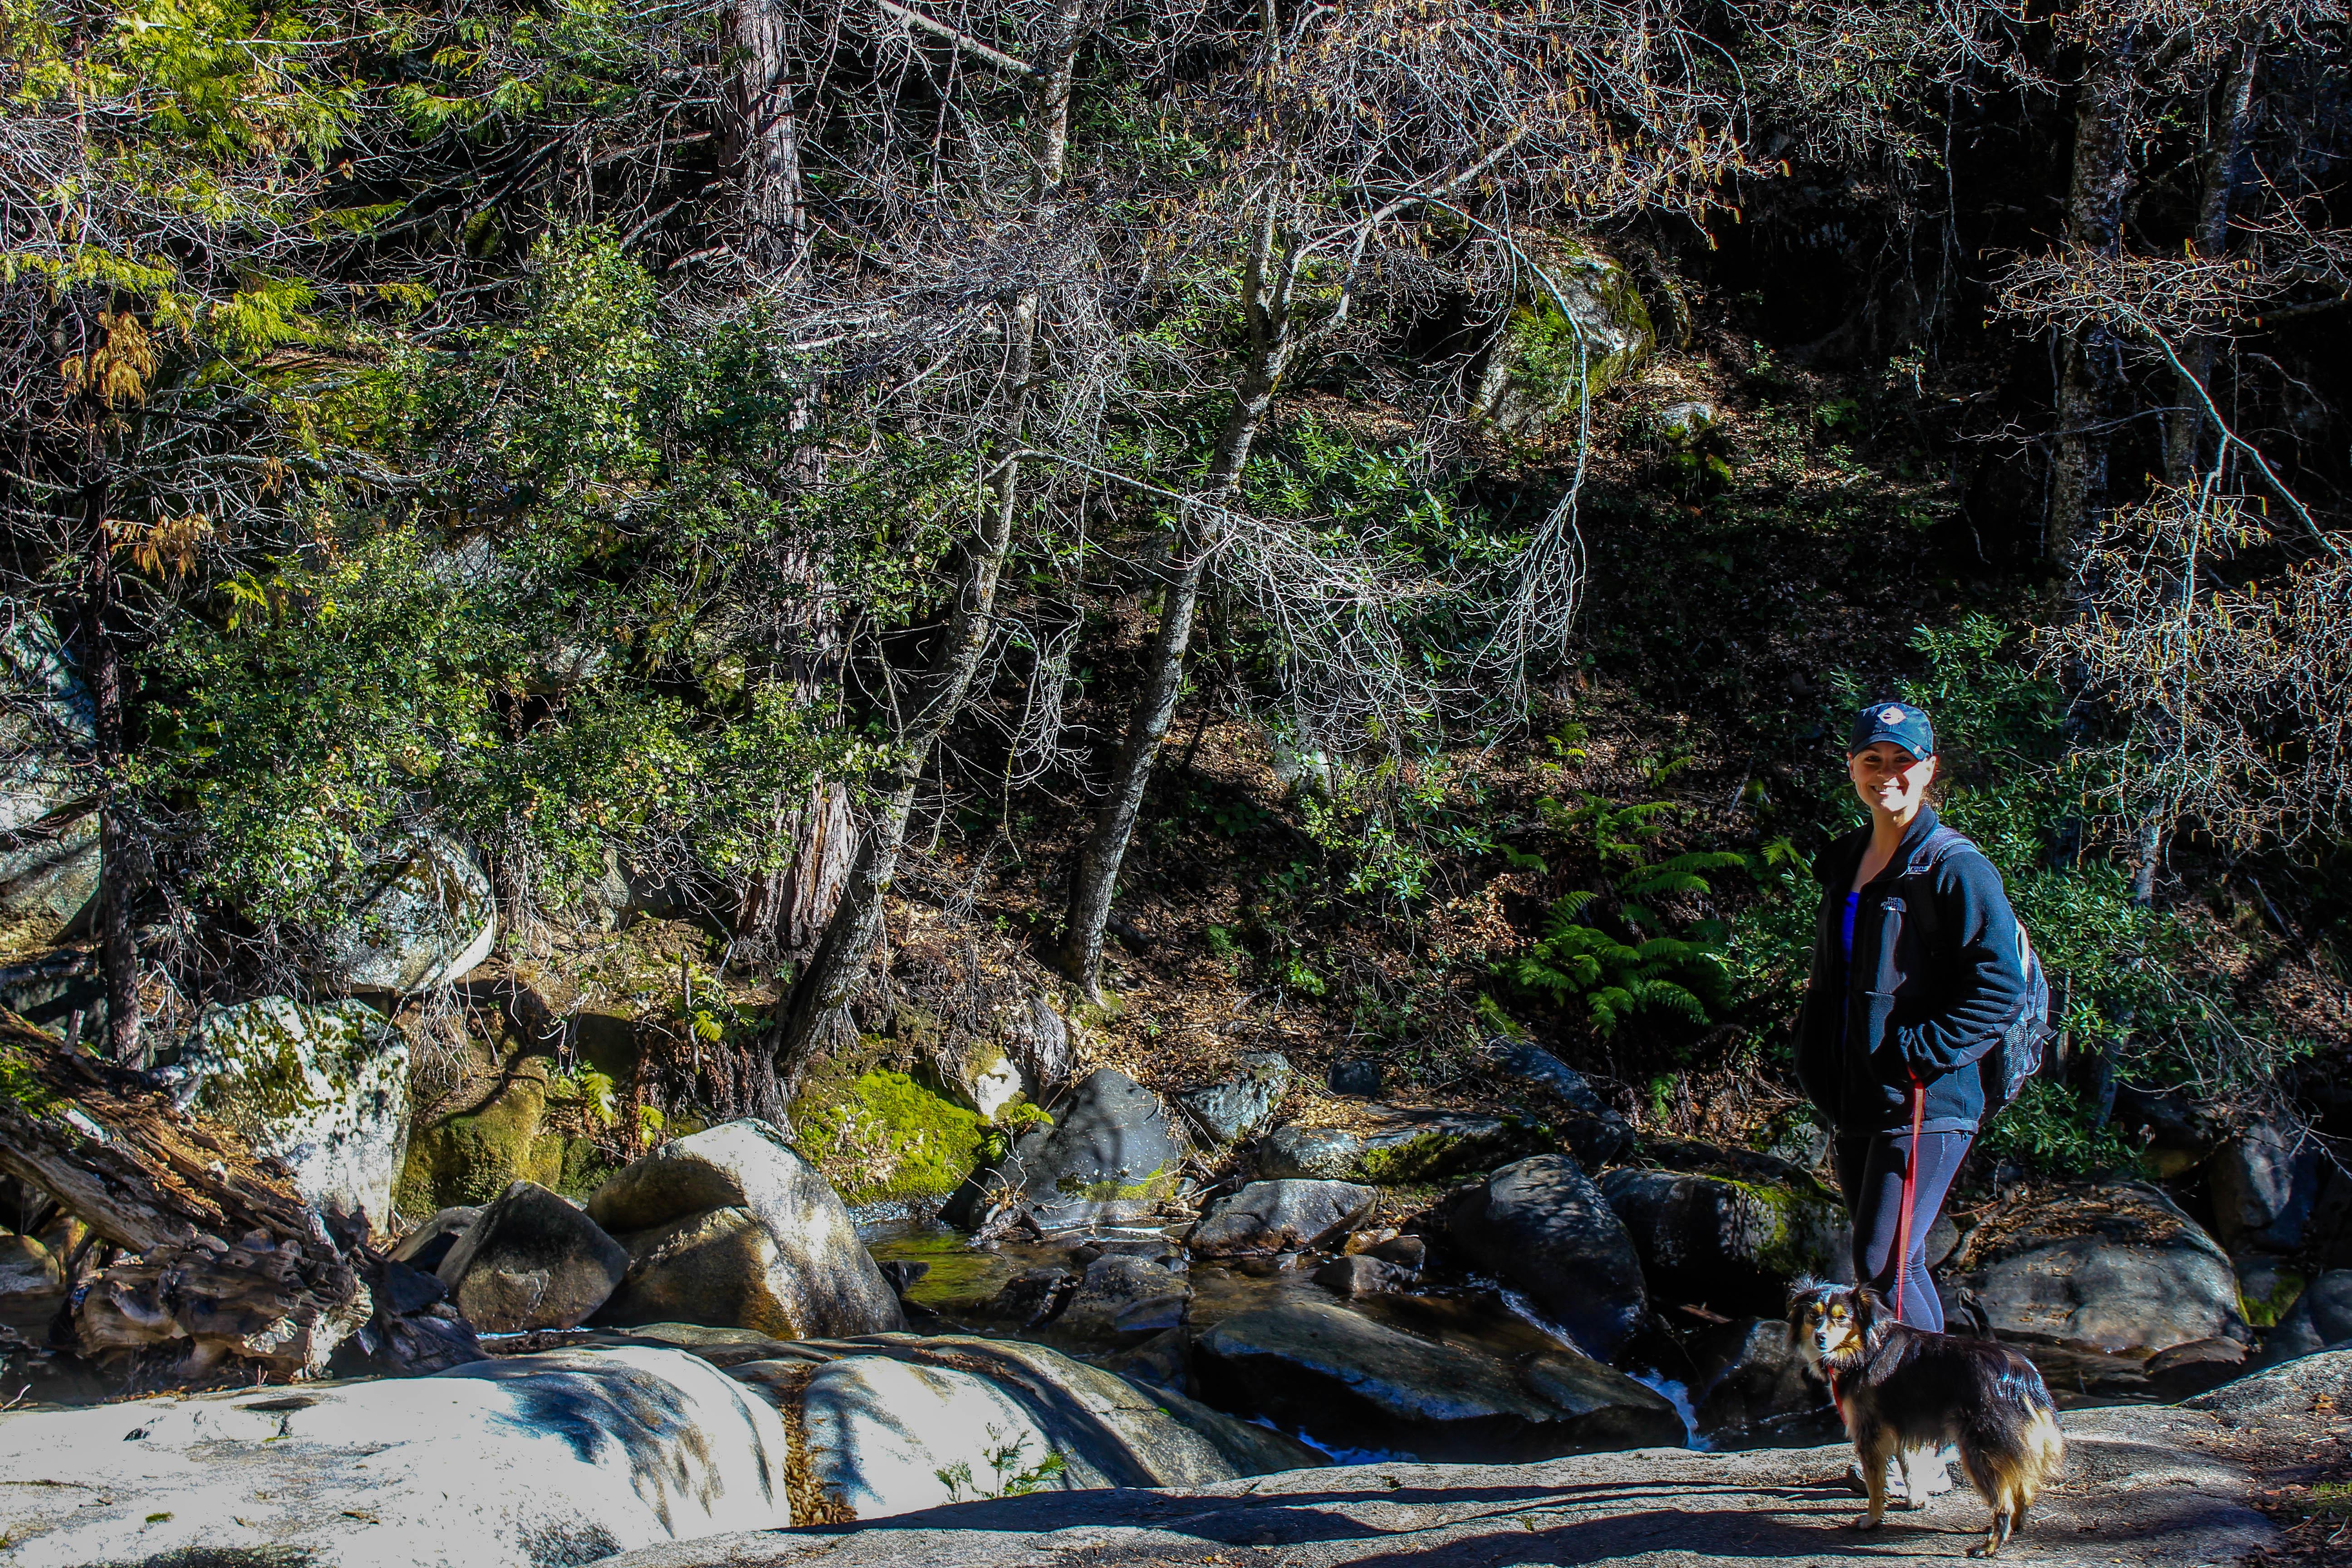 Walking along the pet friendly Lewis Creek Trail